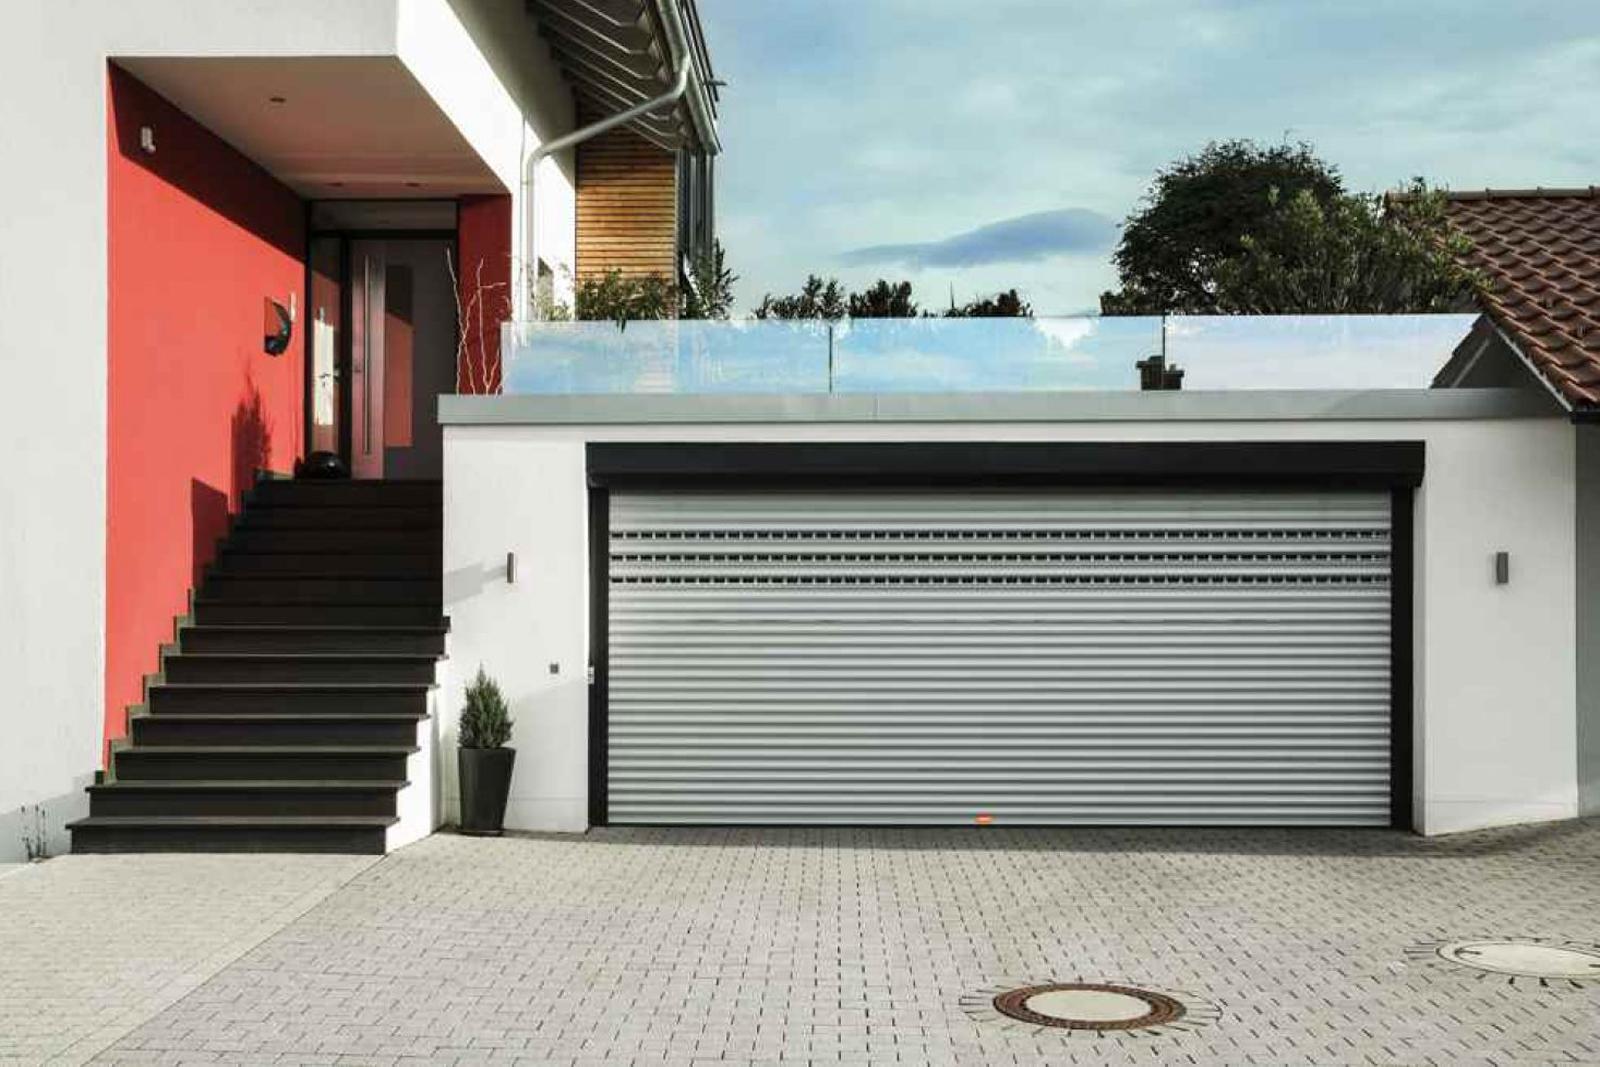 porte de garage enroulable lyon2 - Portes de garage